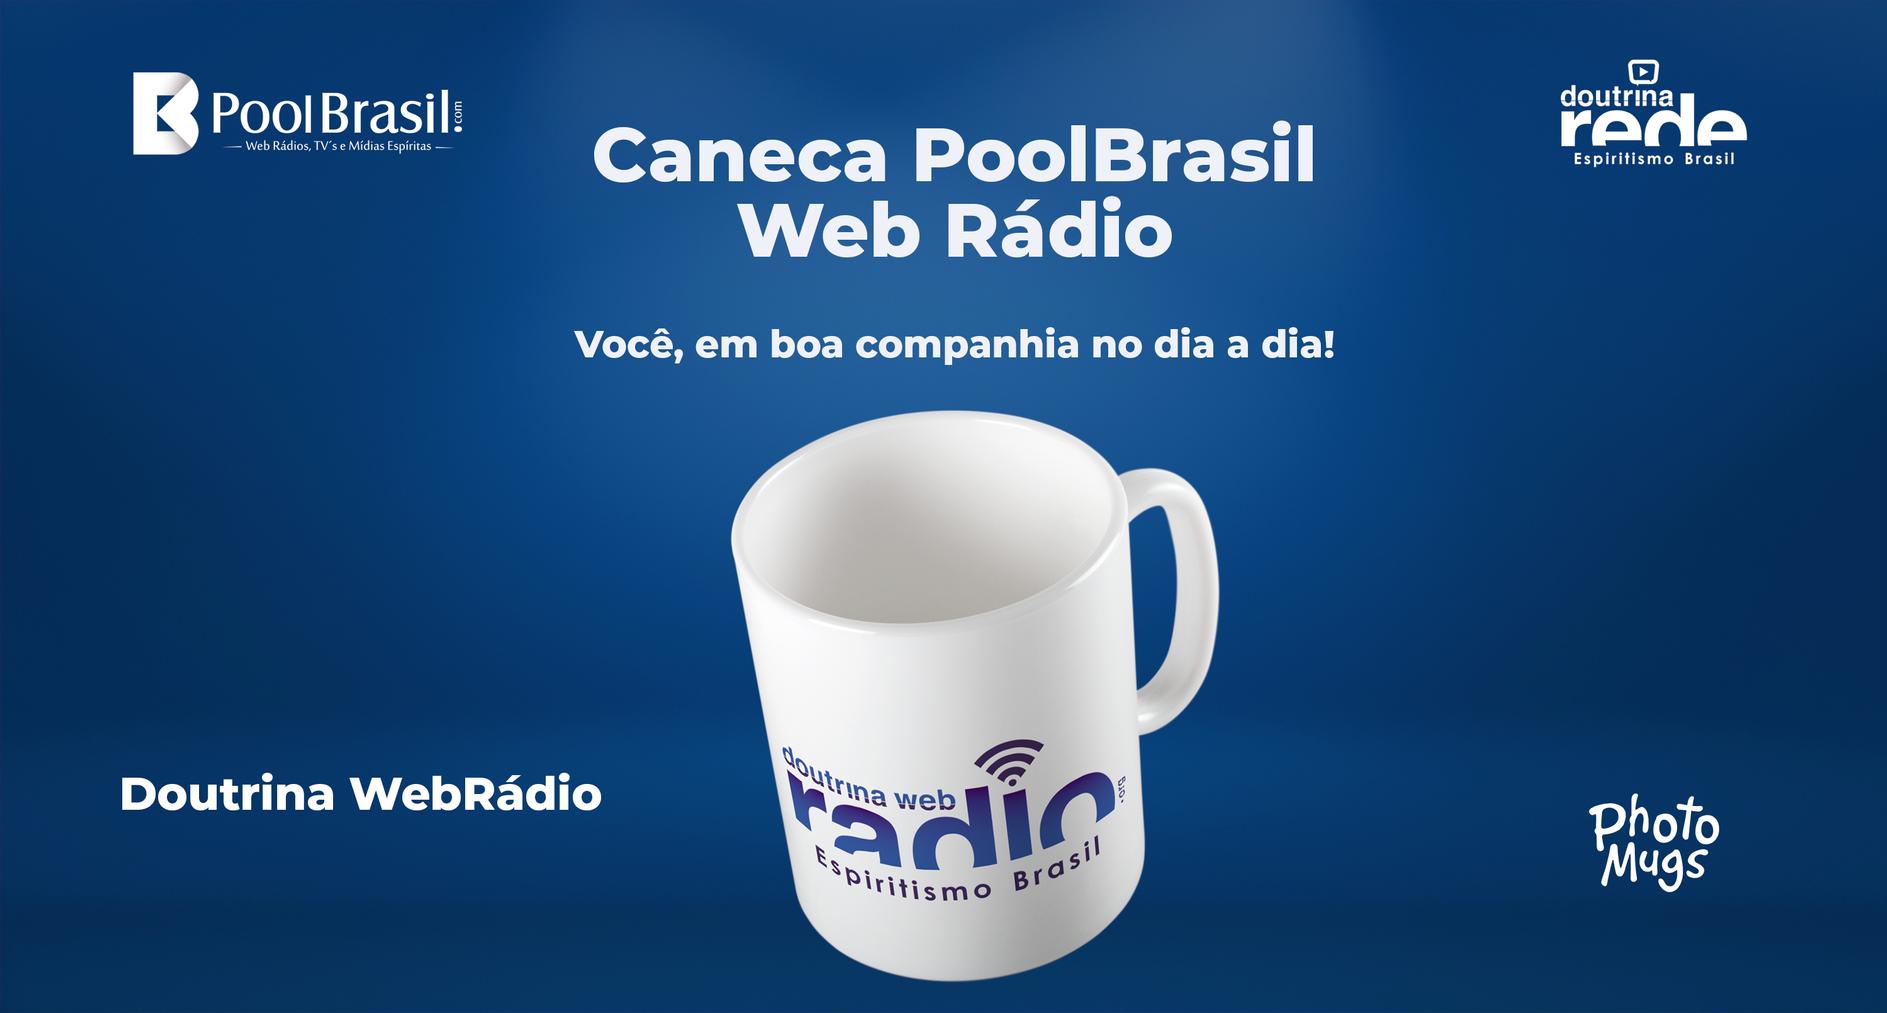 DOUTRINA WEB RÁDIO